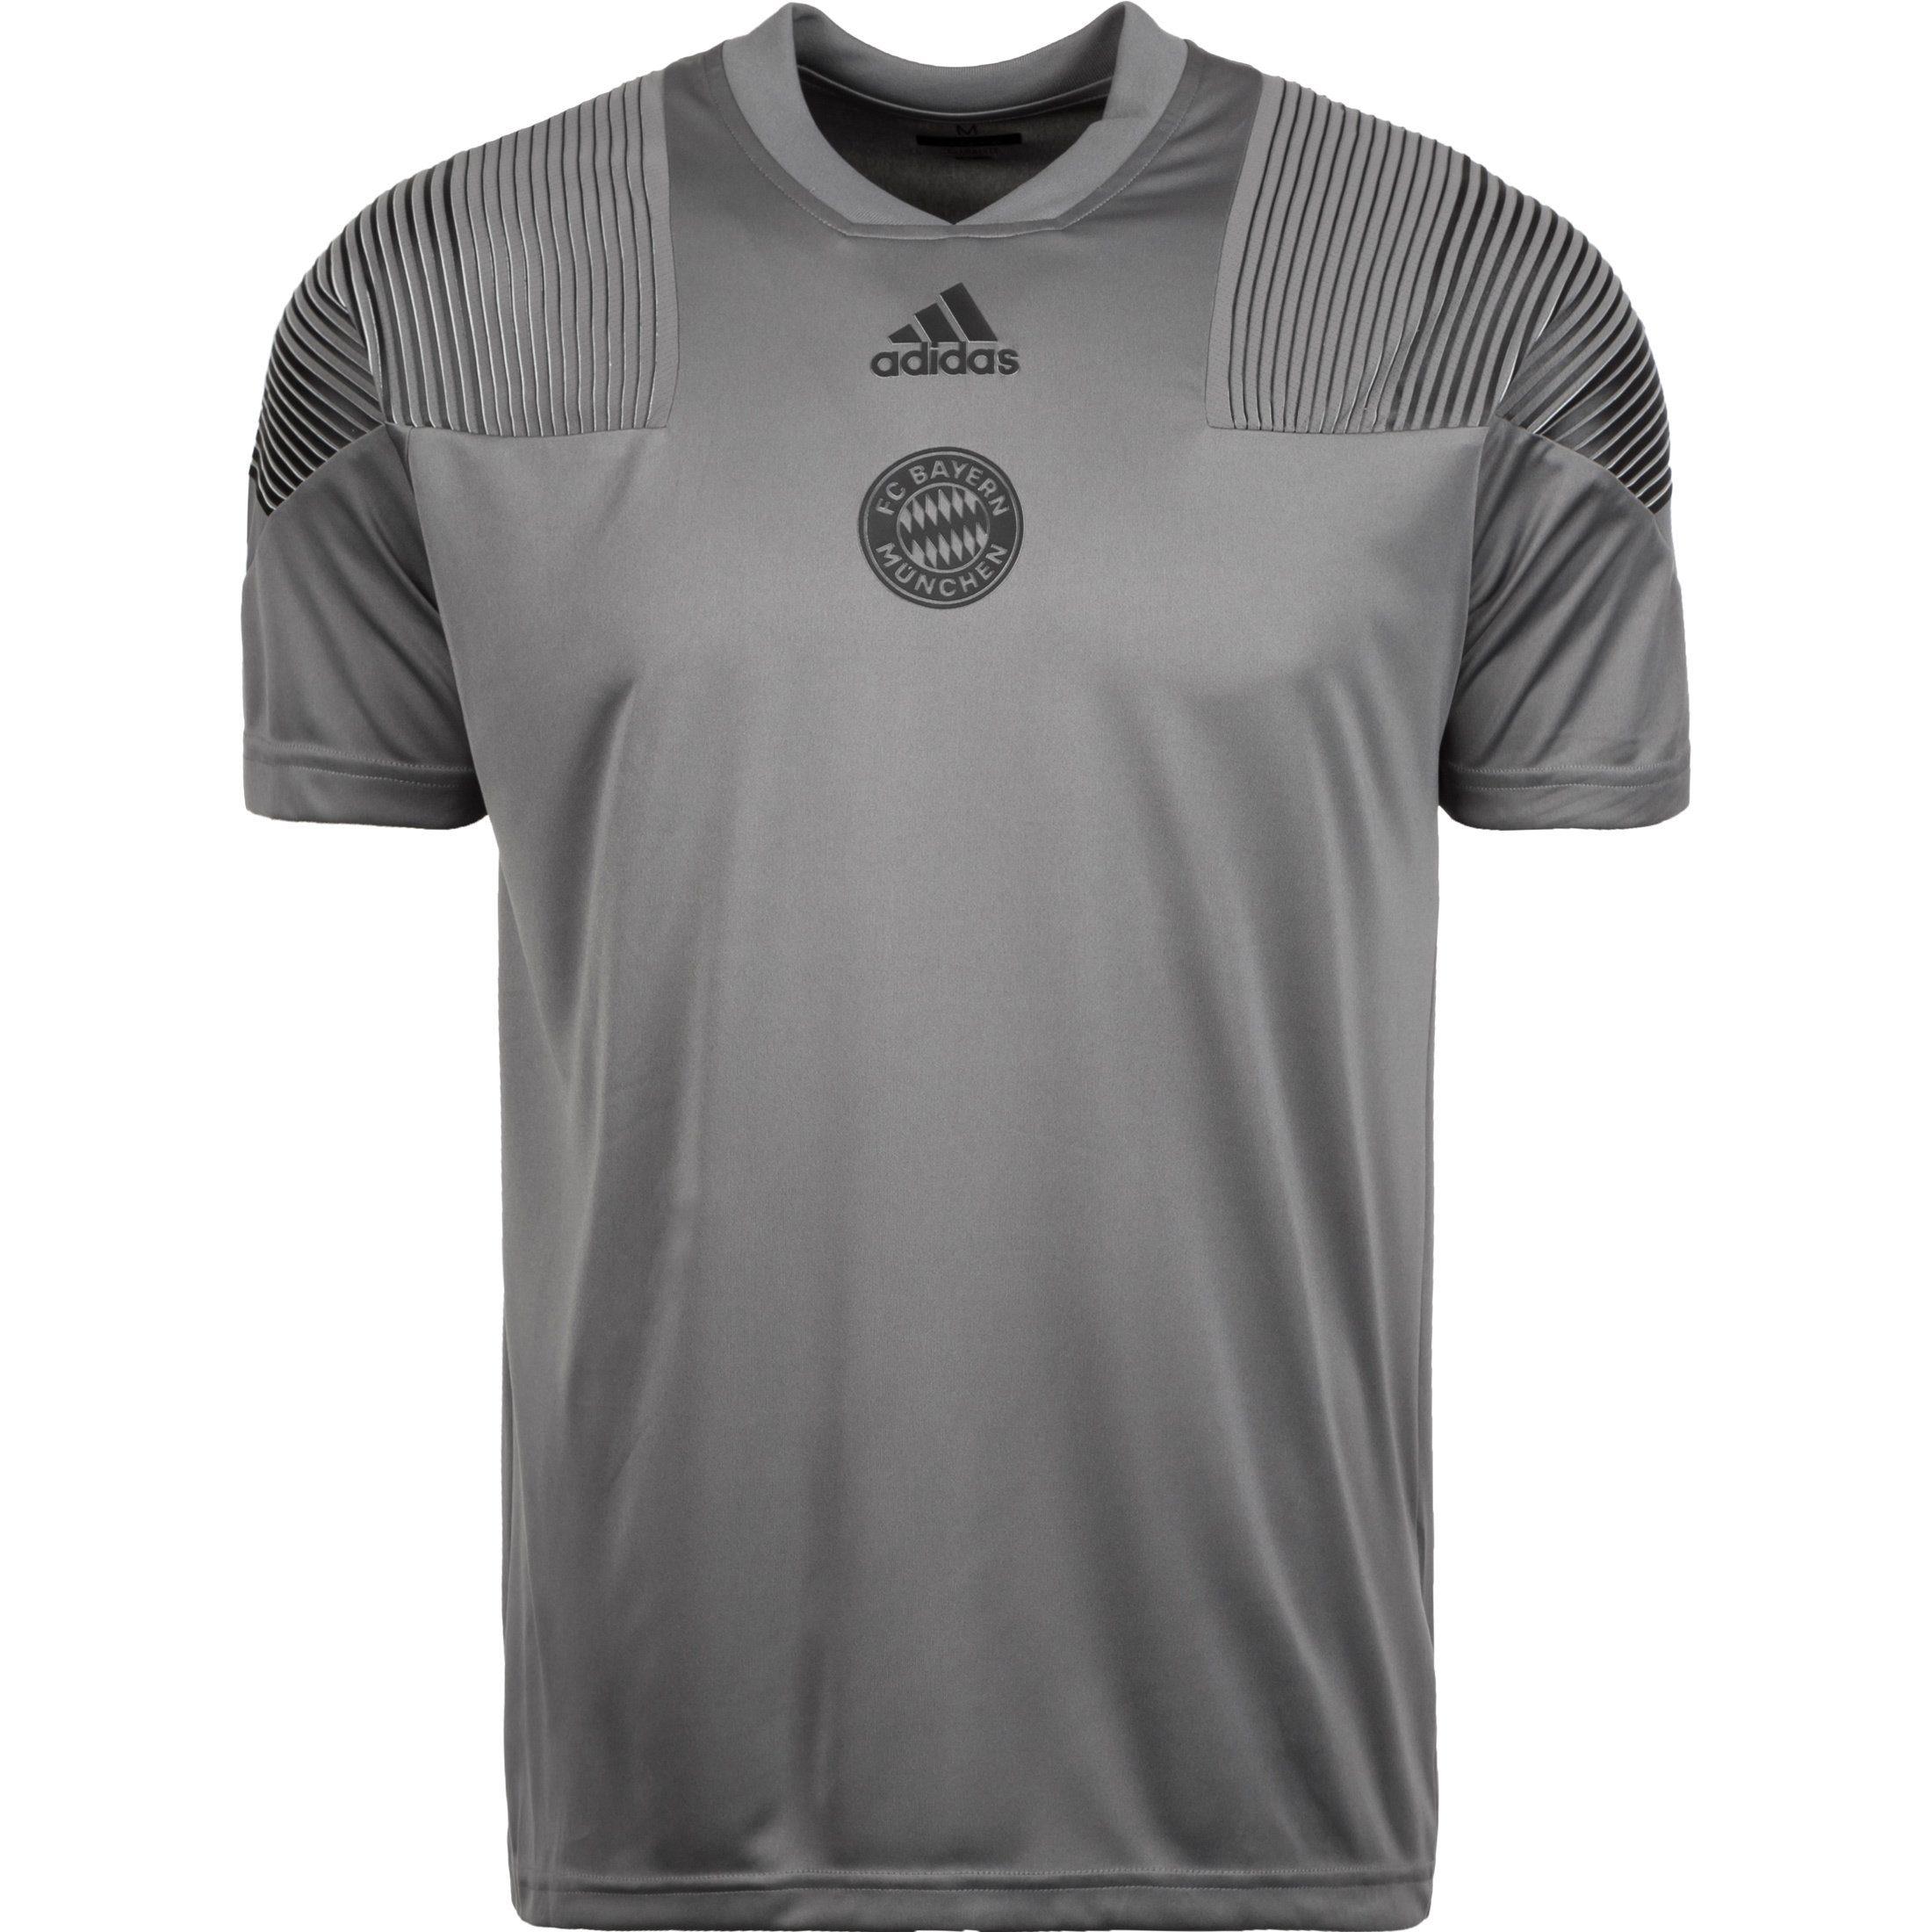 adidas Performance Trainingsshirt »Fc Bayern München Licensed Icons« auf Raten | BAUR